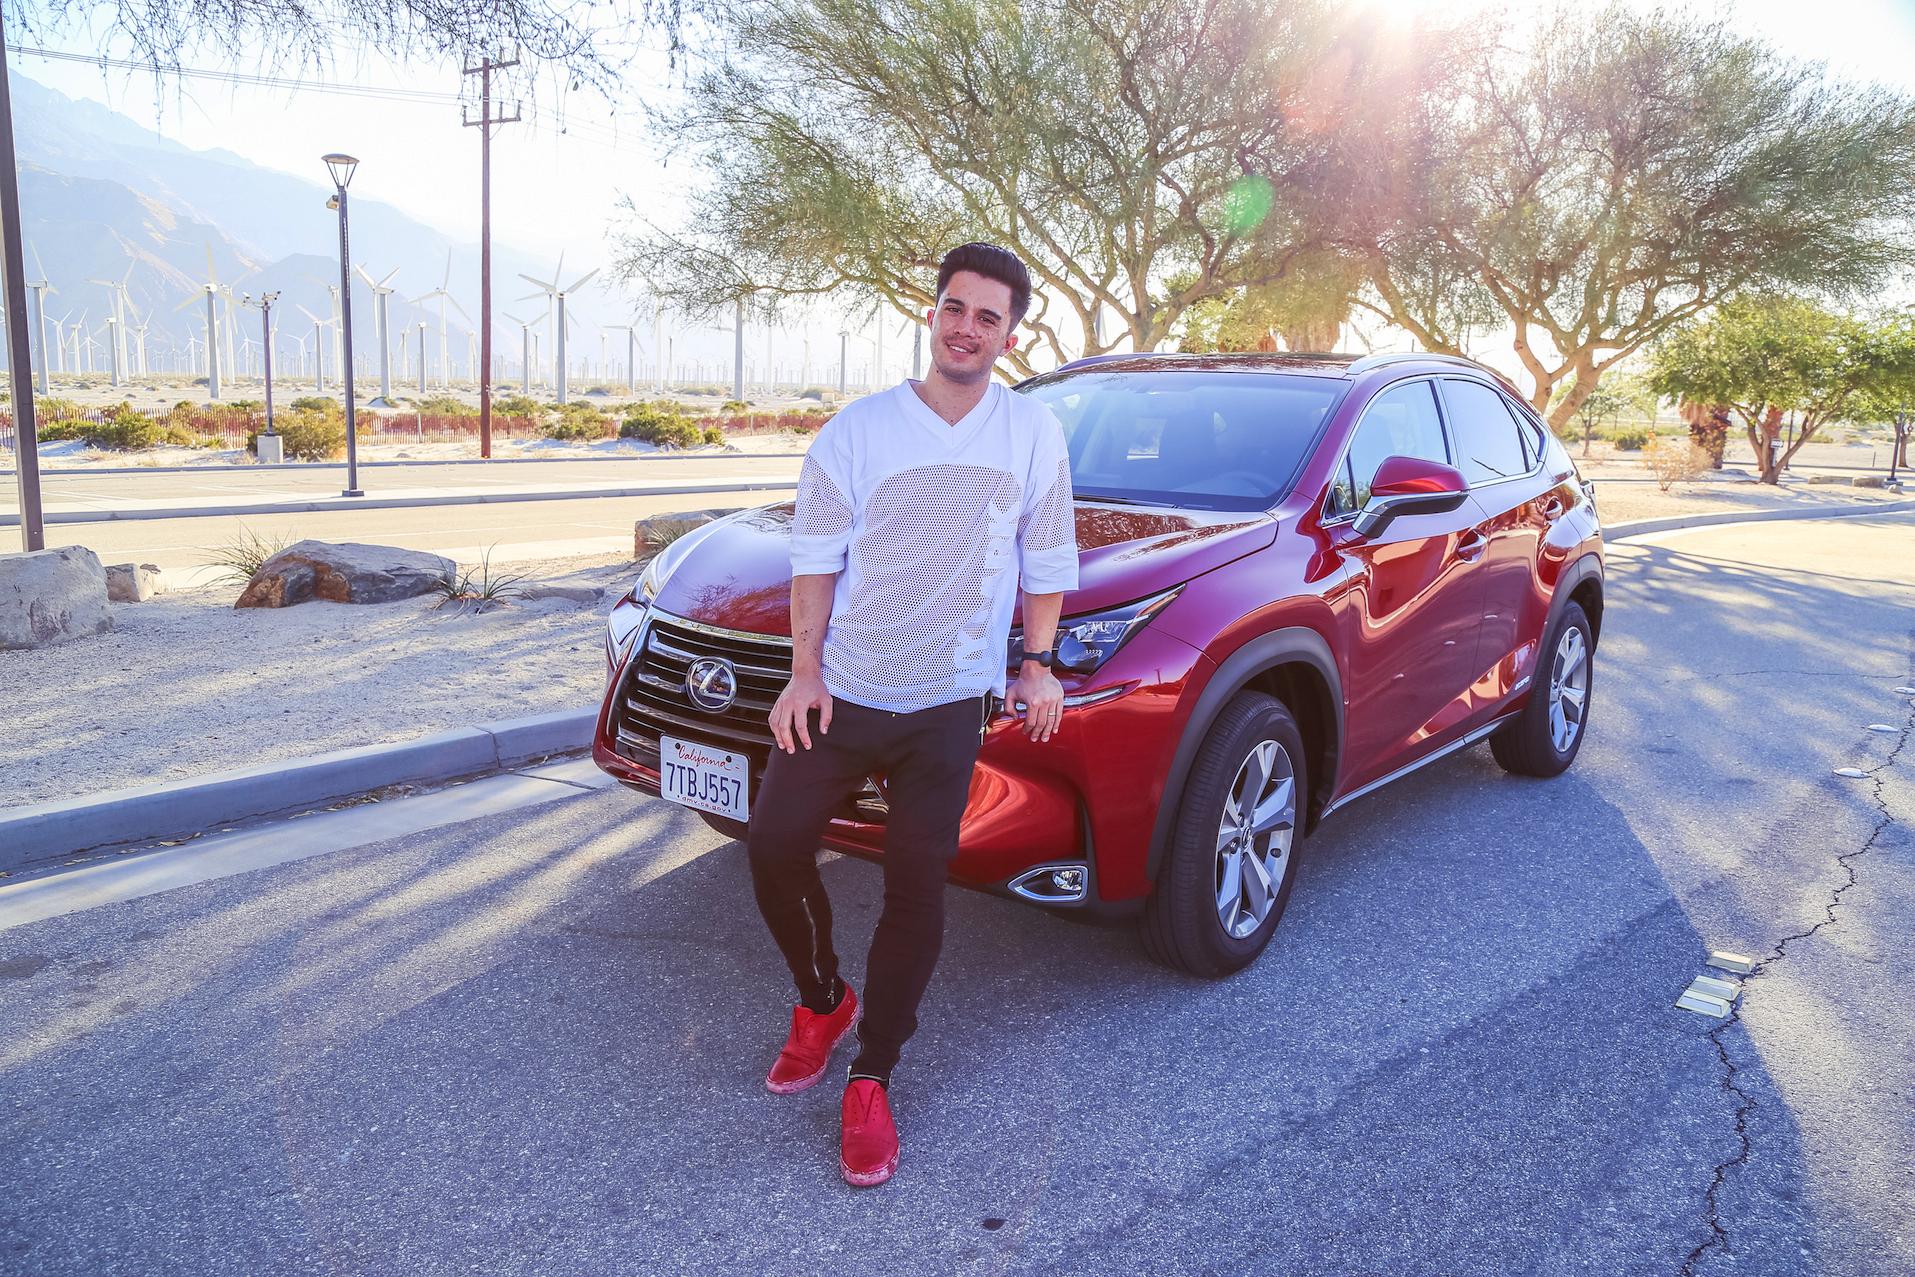 Lexus photo op